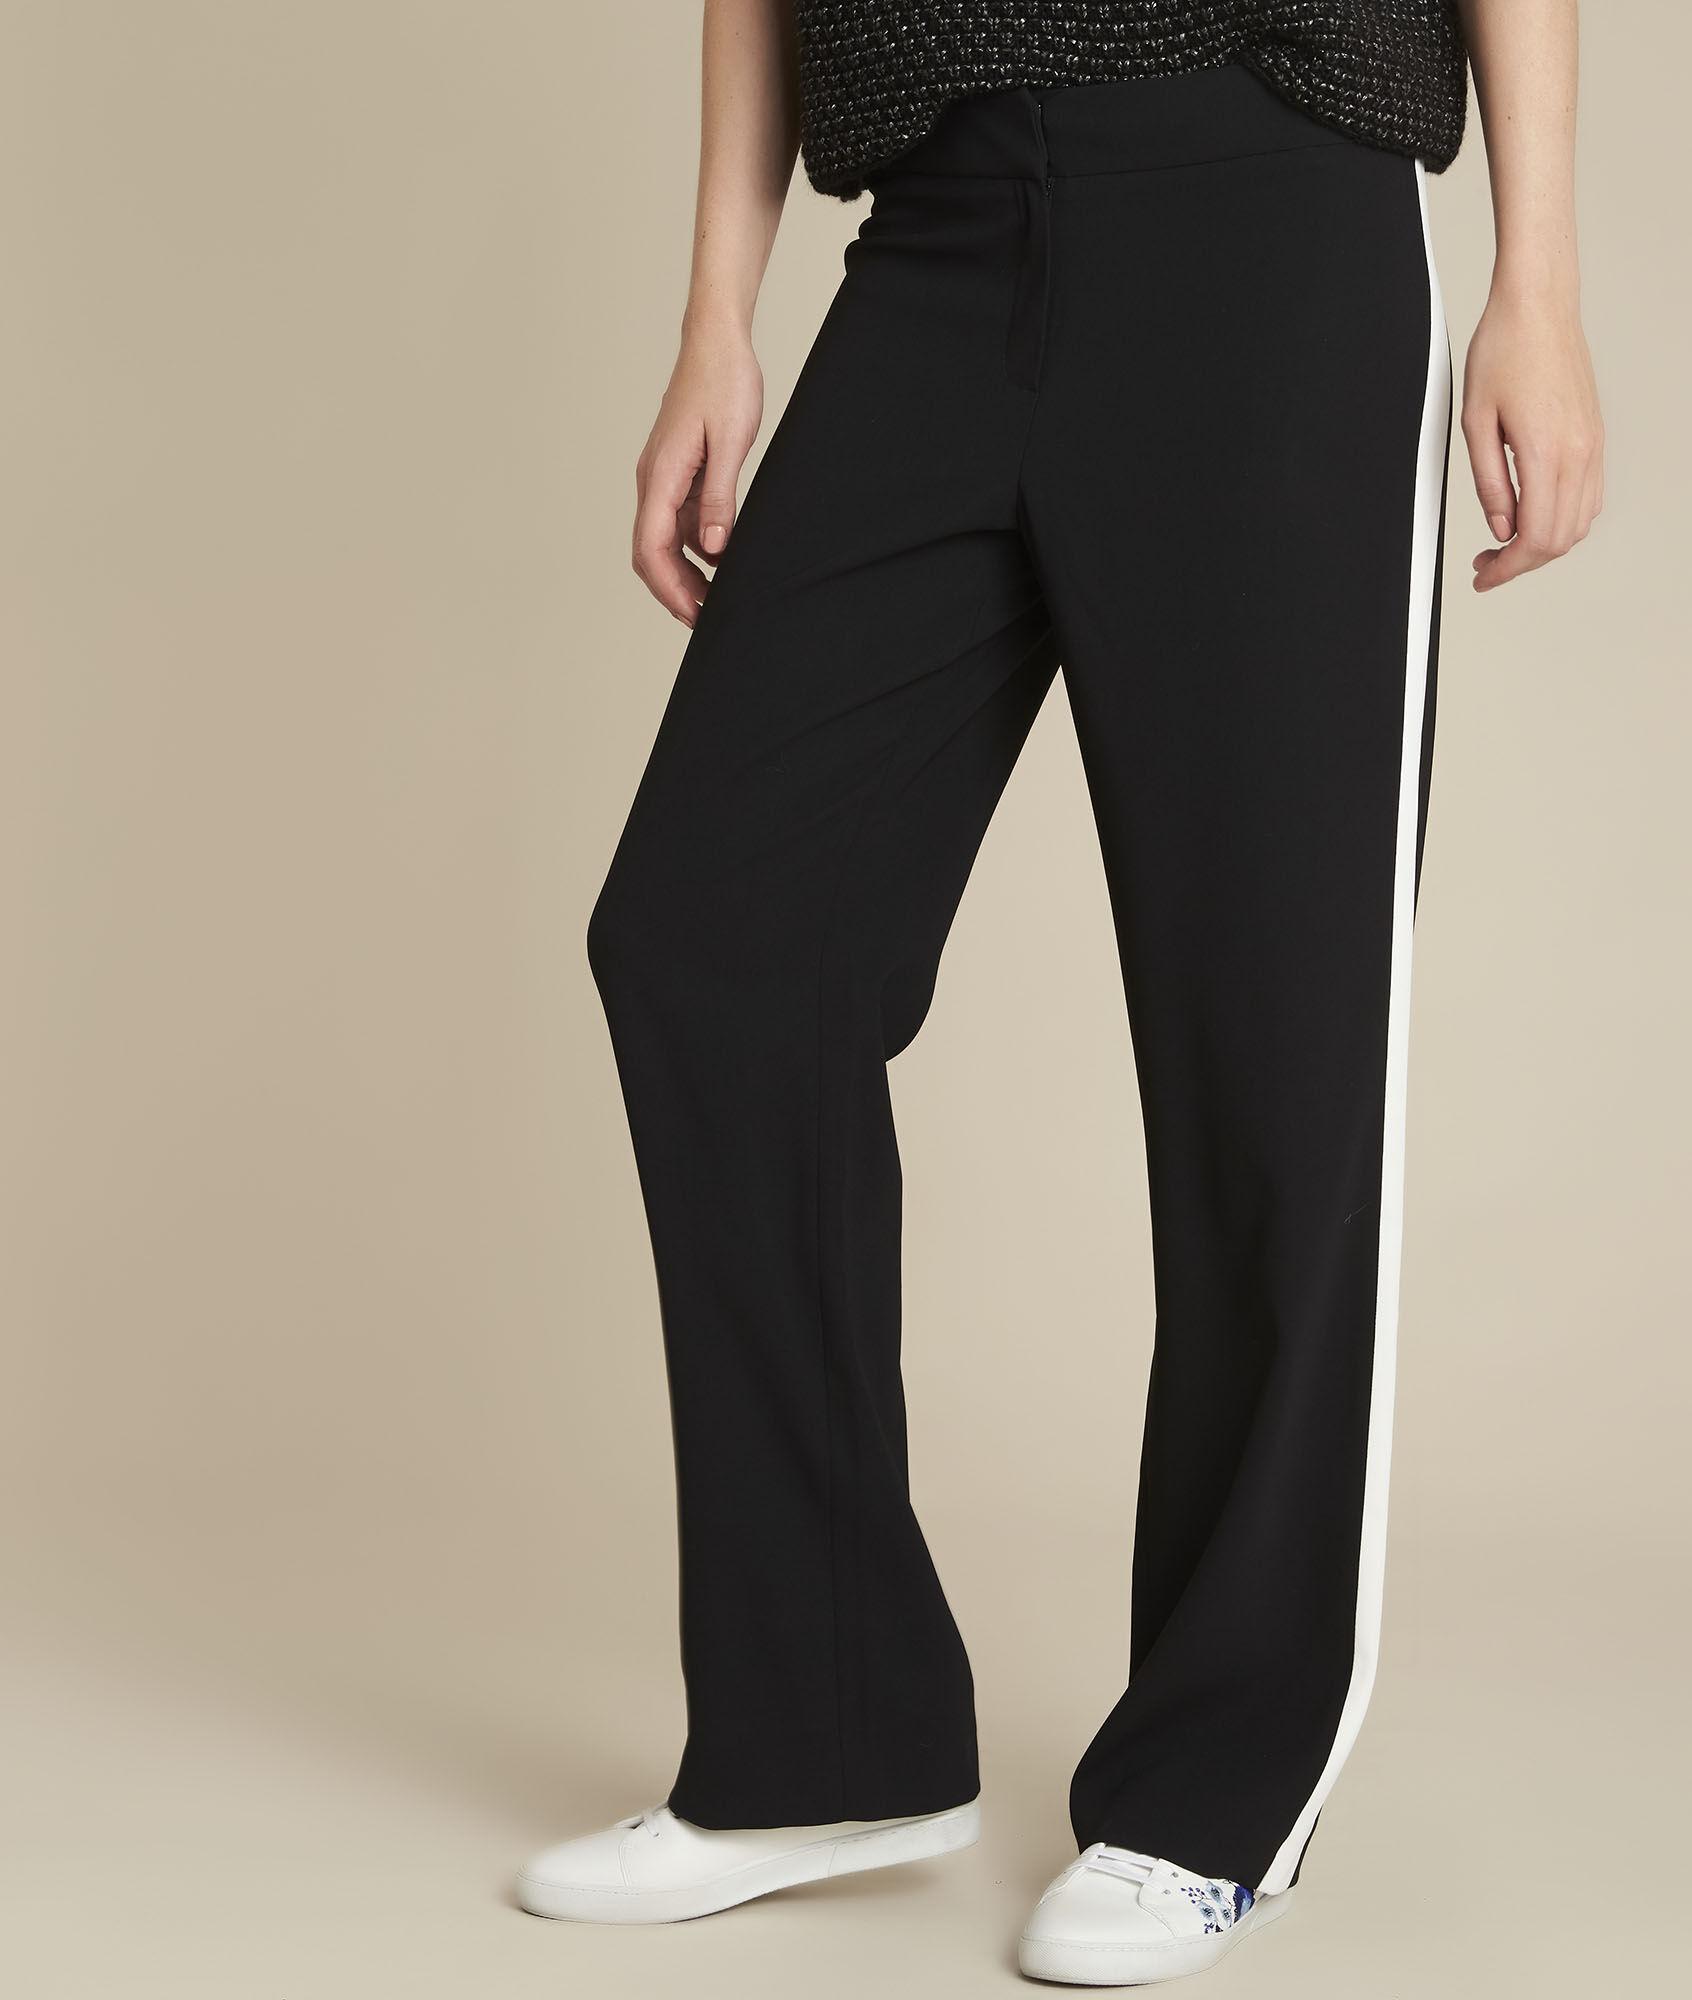 large Pantalons larges 1 3 femme pantalon 2 Xpf6q 36d39e5b6c0